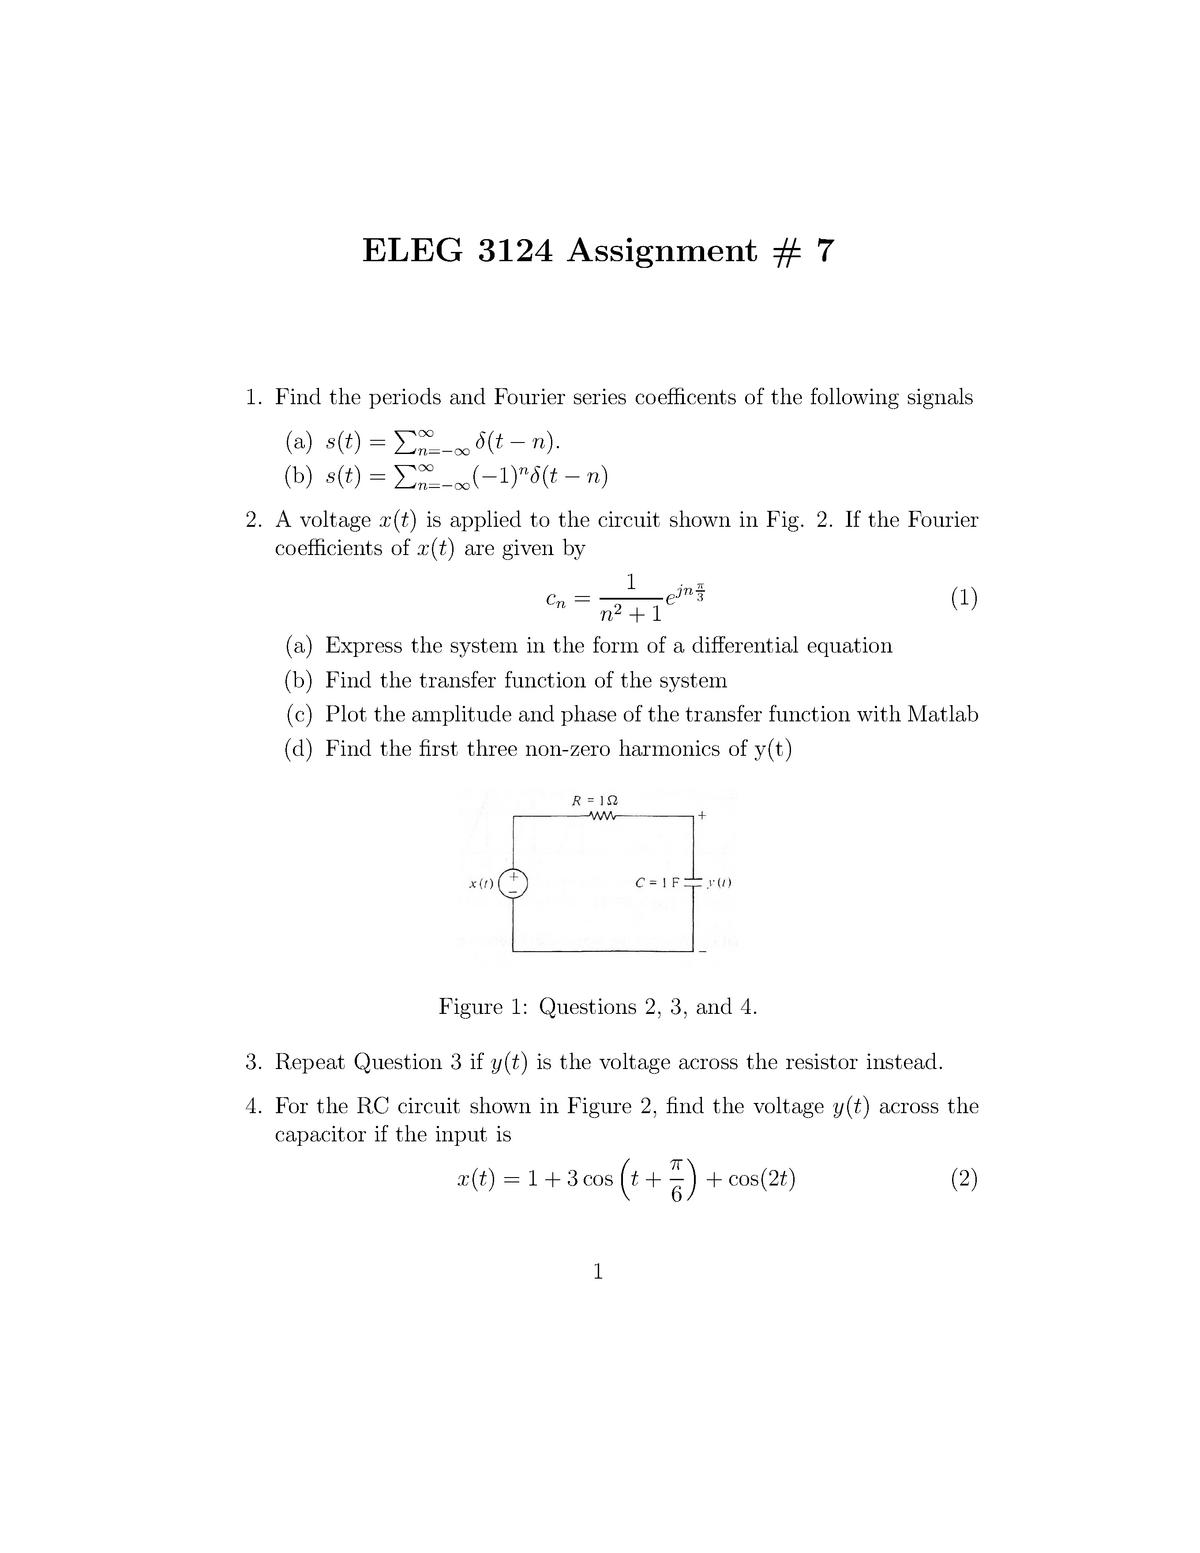 Assignment 7 - ELEG 3124 - ELEG 3124: System & Signal Analysis - StuDocu